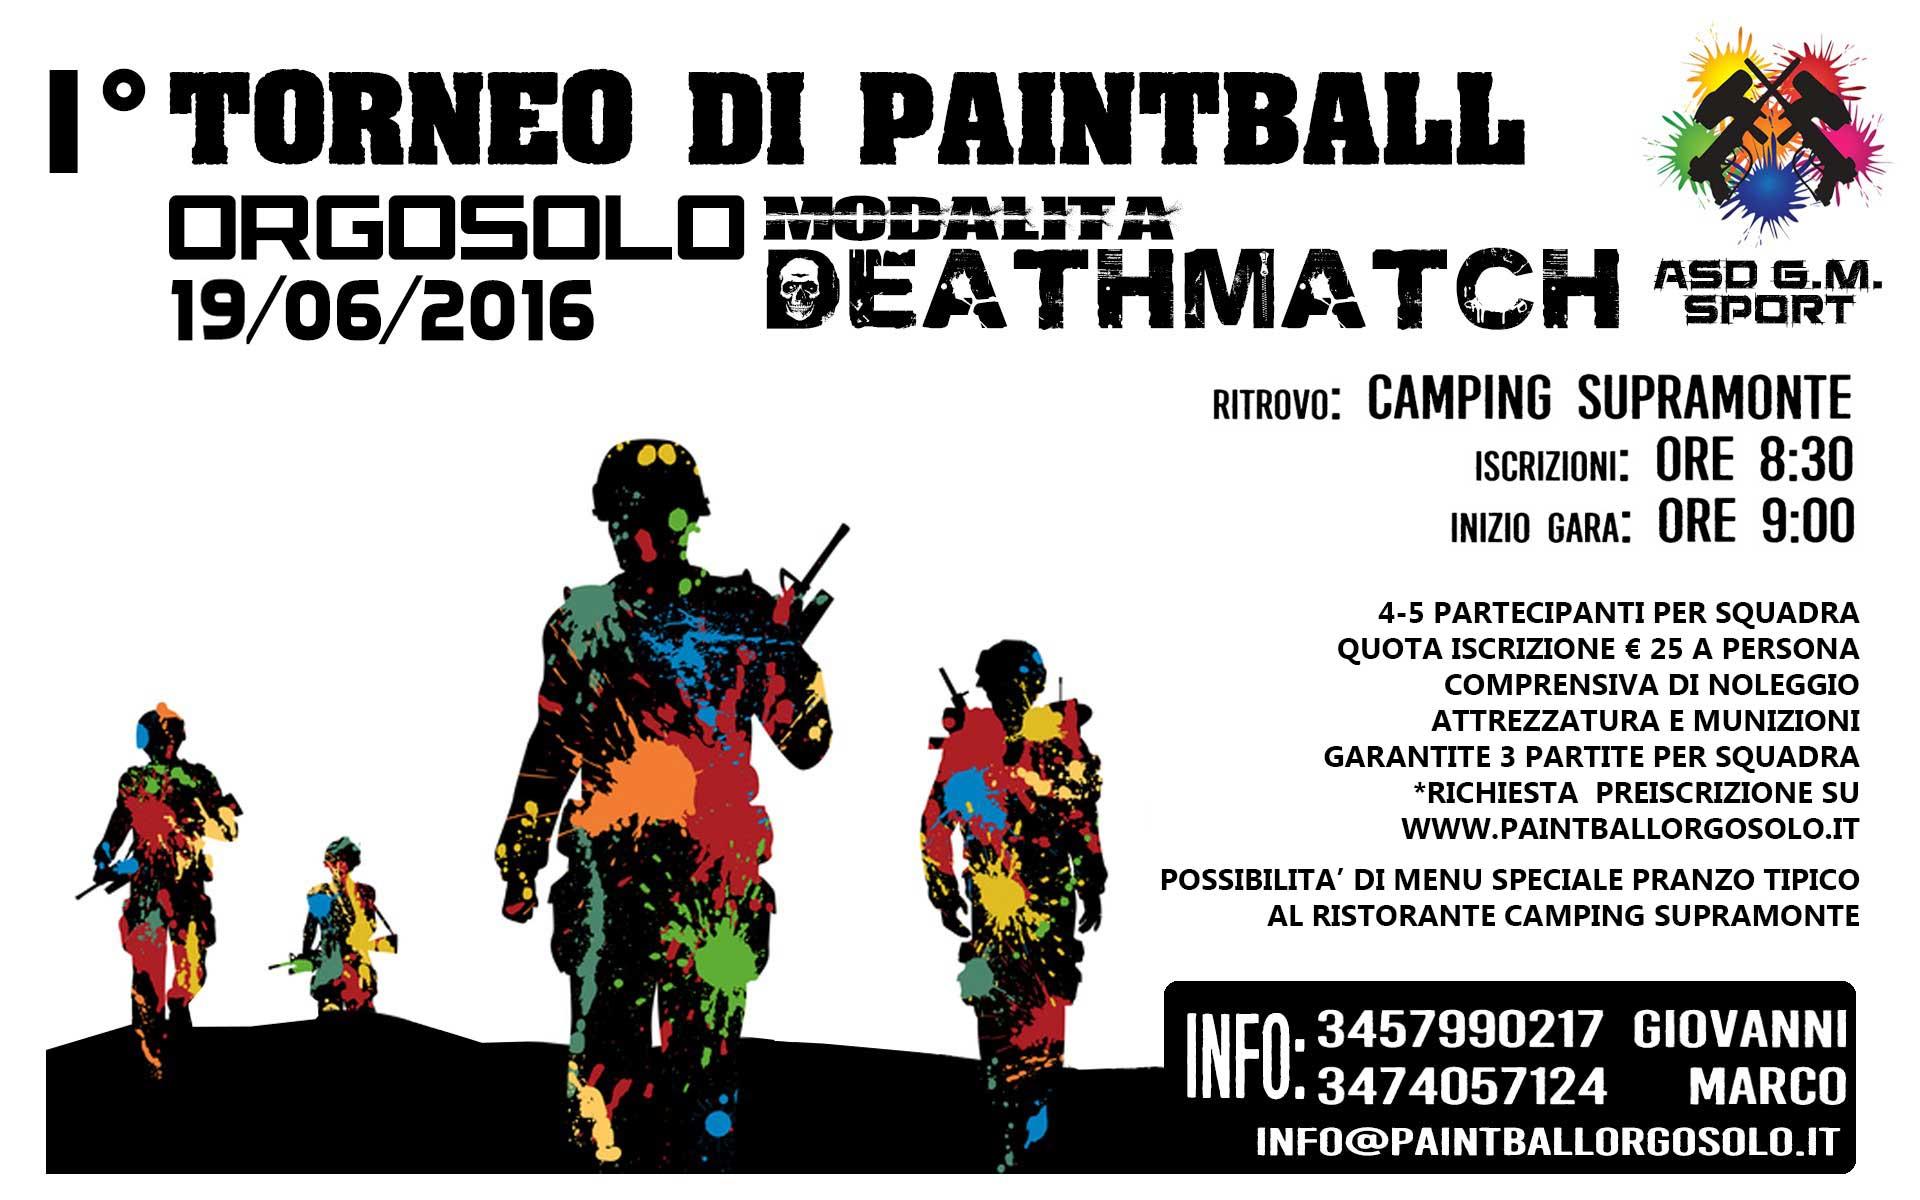 Manifesto torneo paintball Sardegna, ad Orgosolo